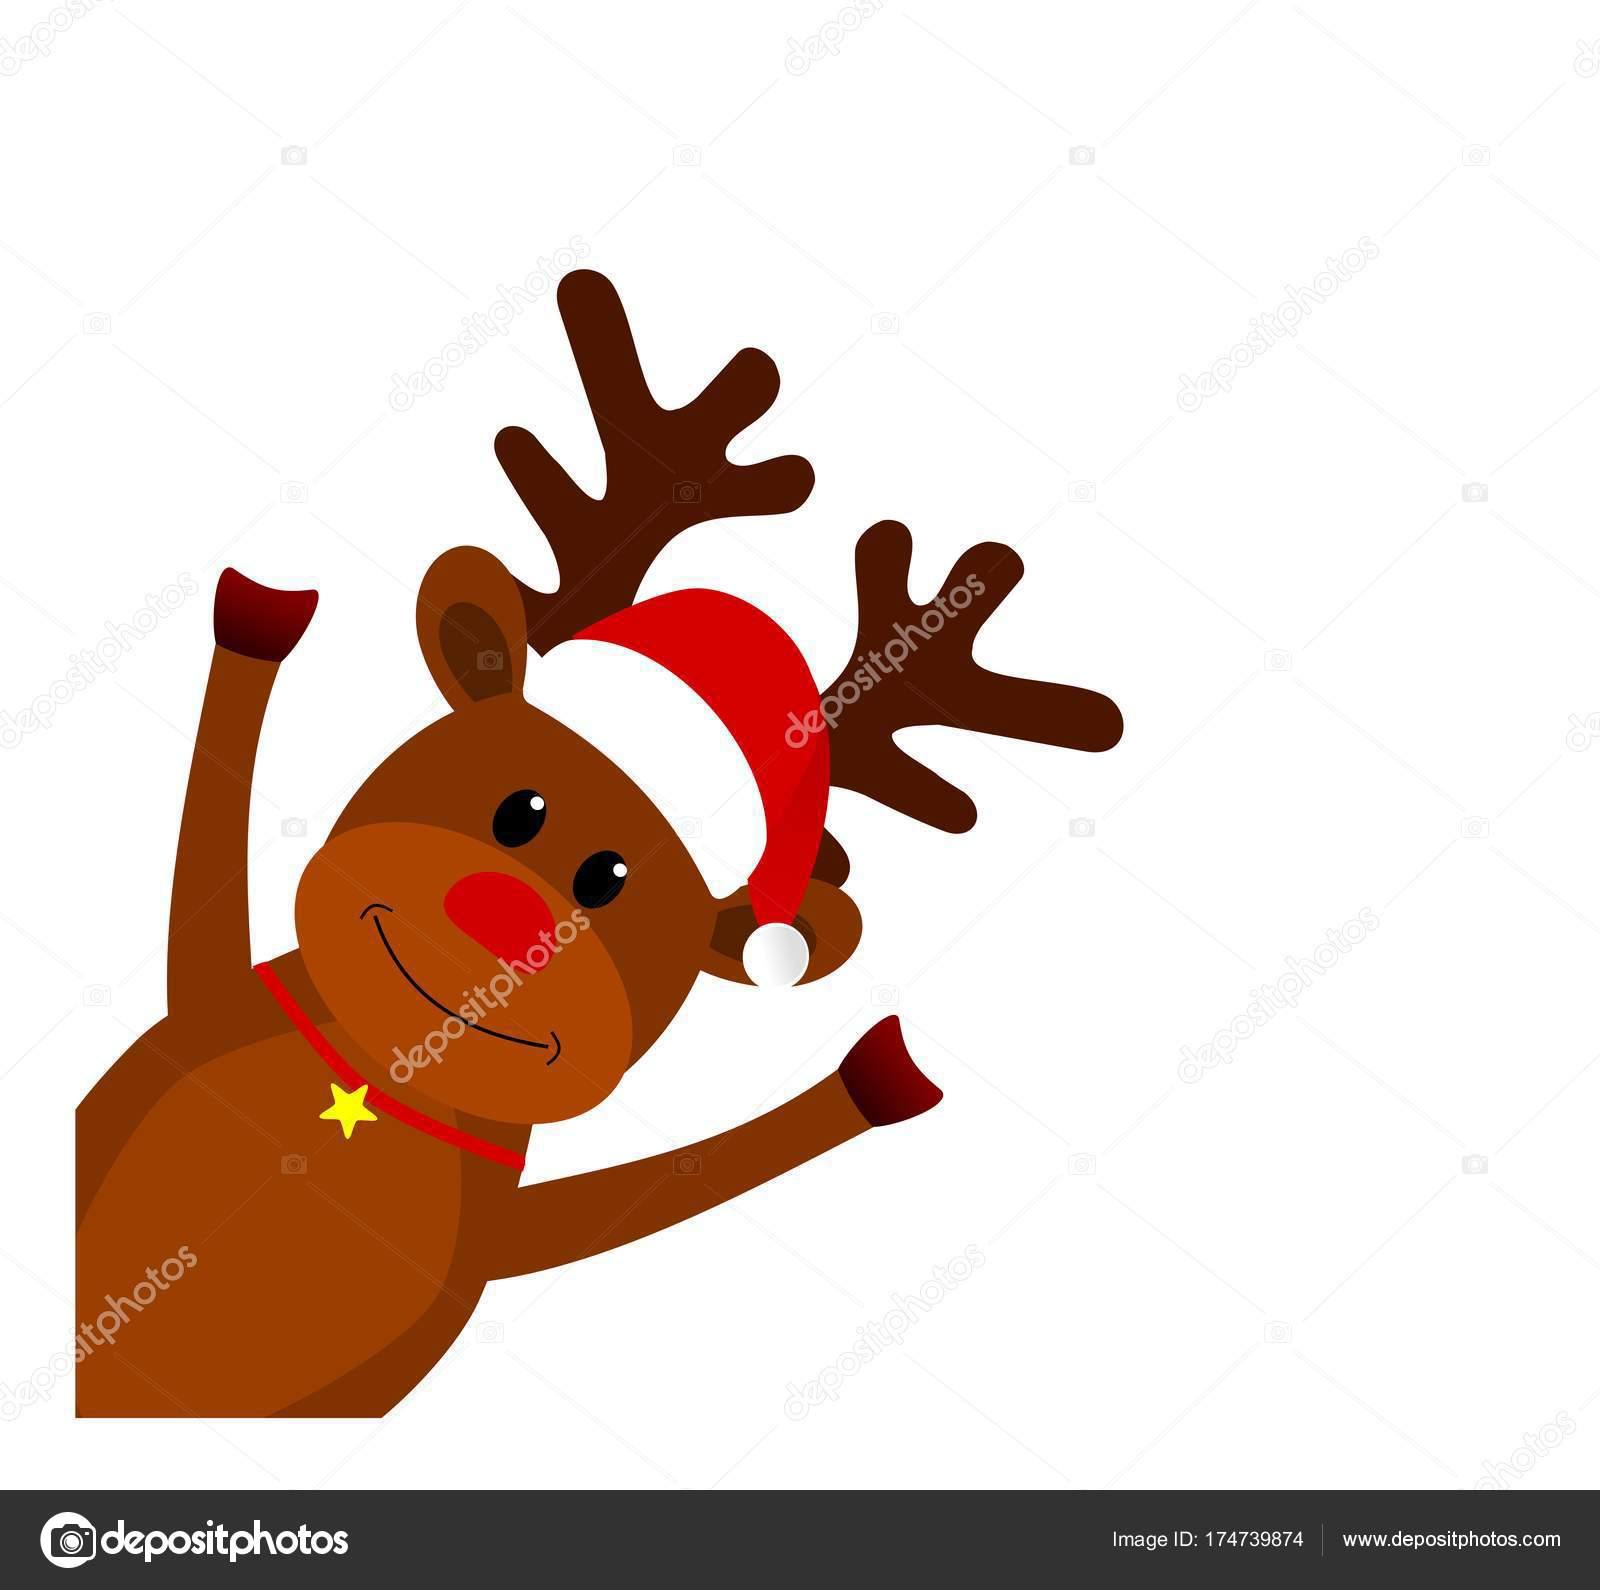 Immagini Natale Renne.Immagini Fumetto Di Babbo Natale Fumetto Di Natale Renne